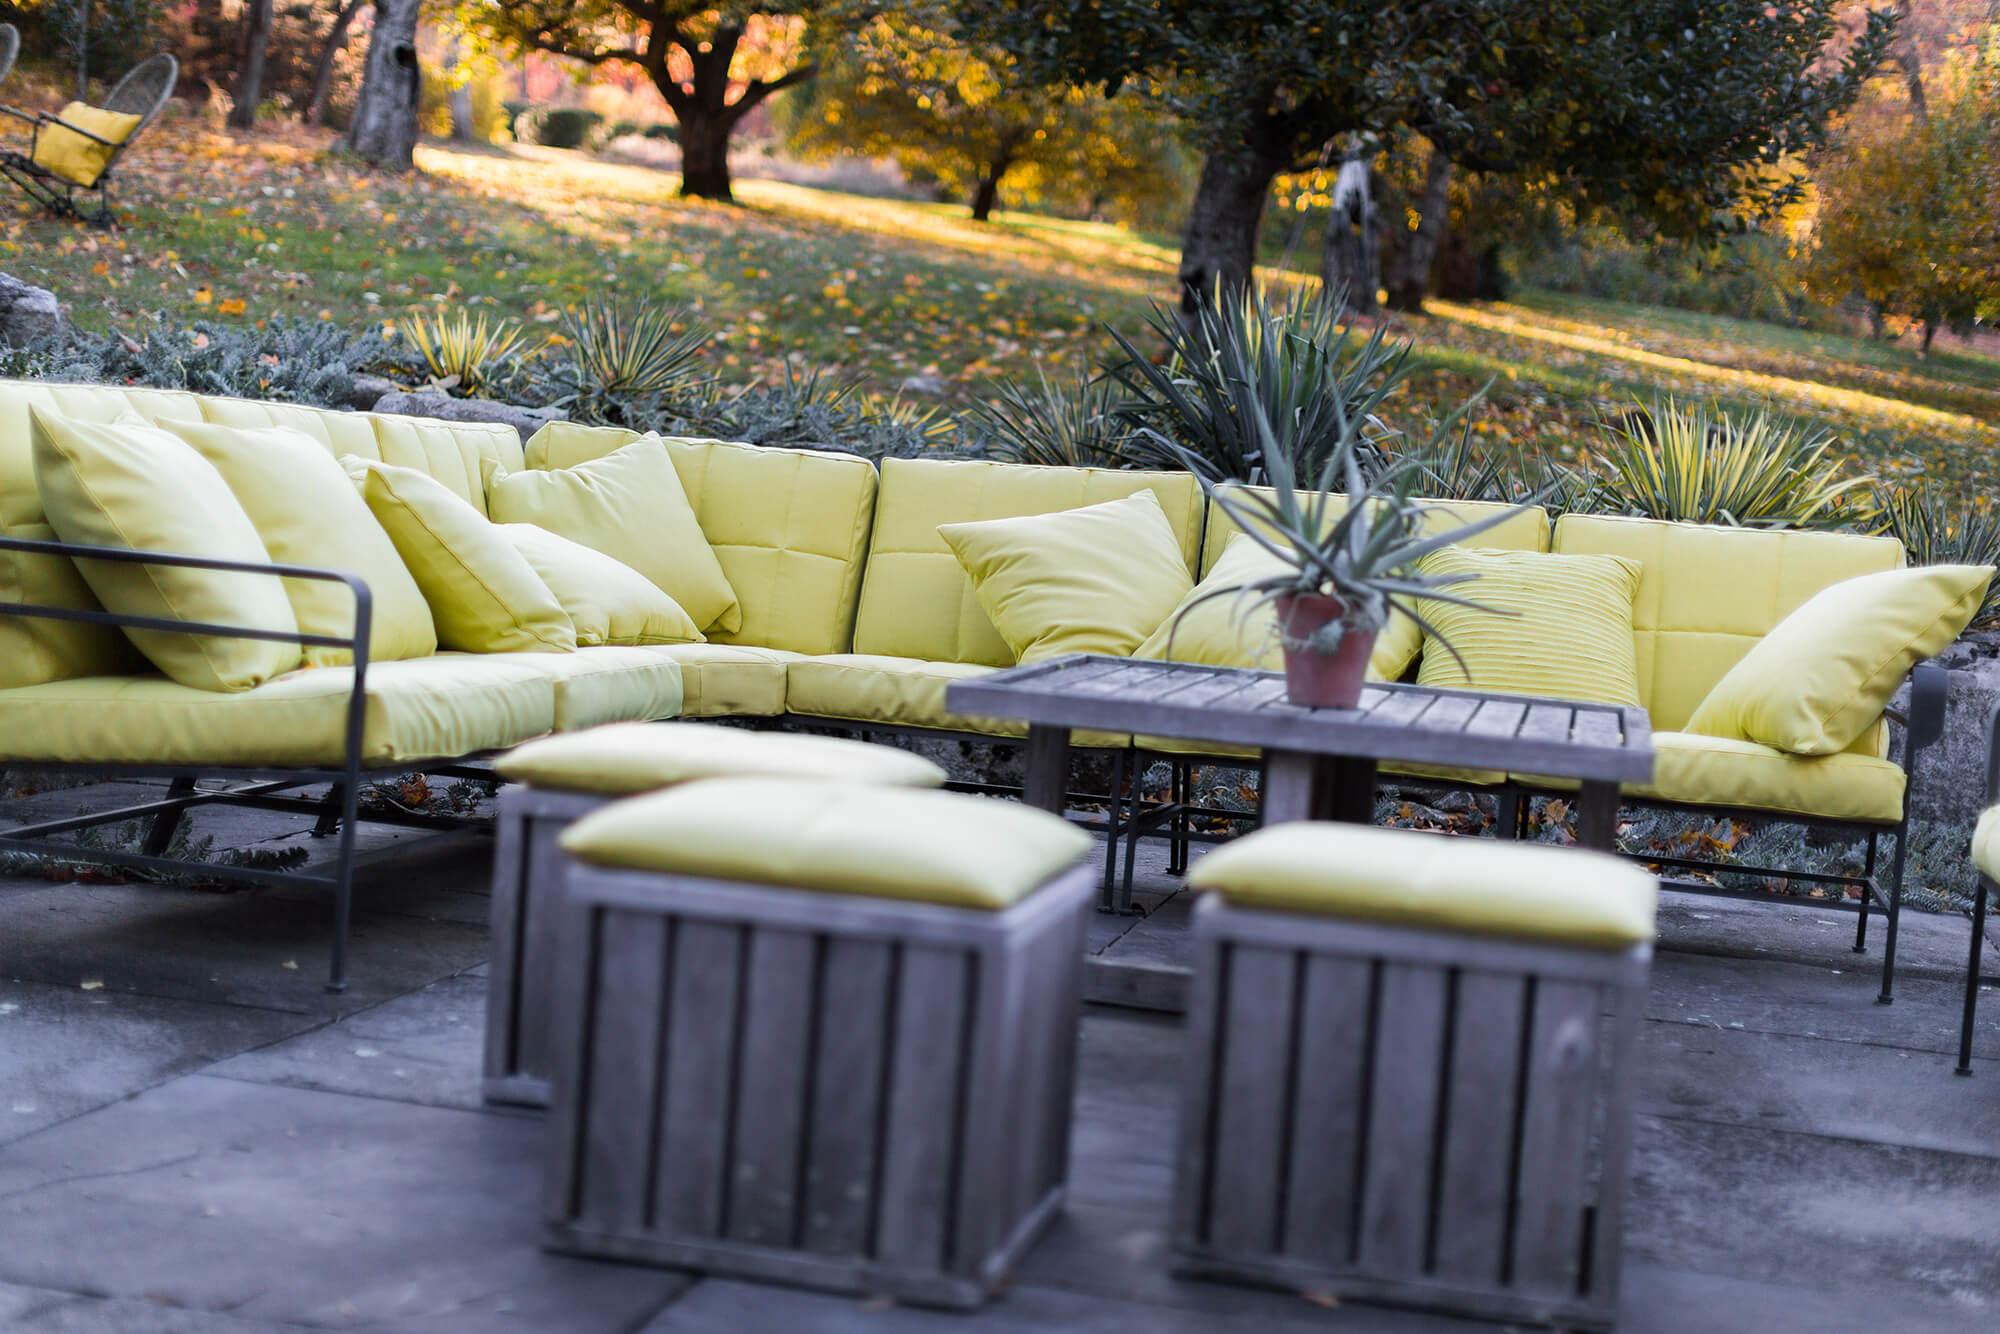 露台沙发上,采用绿色 Sunbrella 织物制成的坐垫